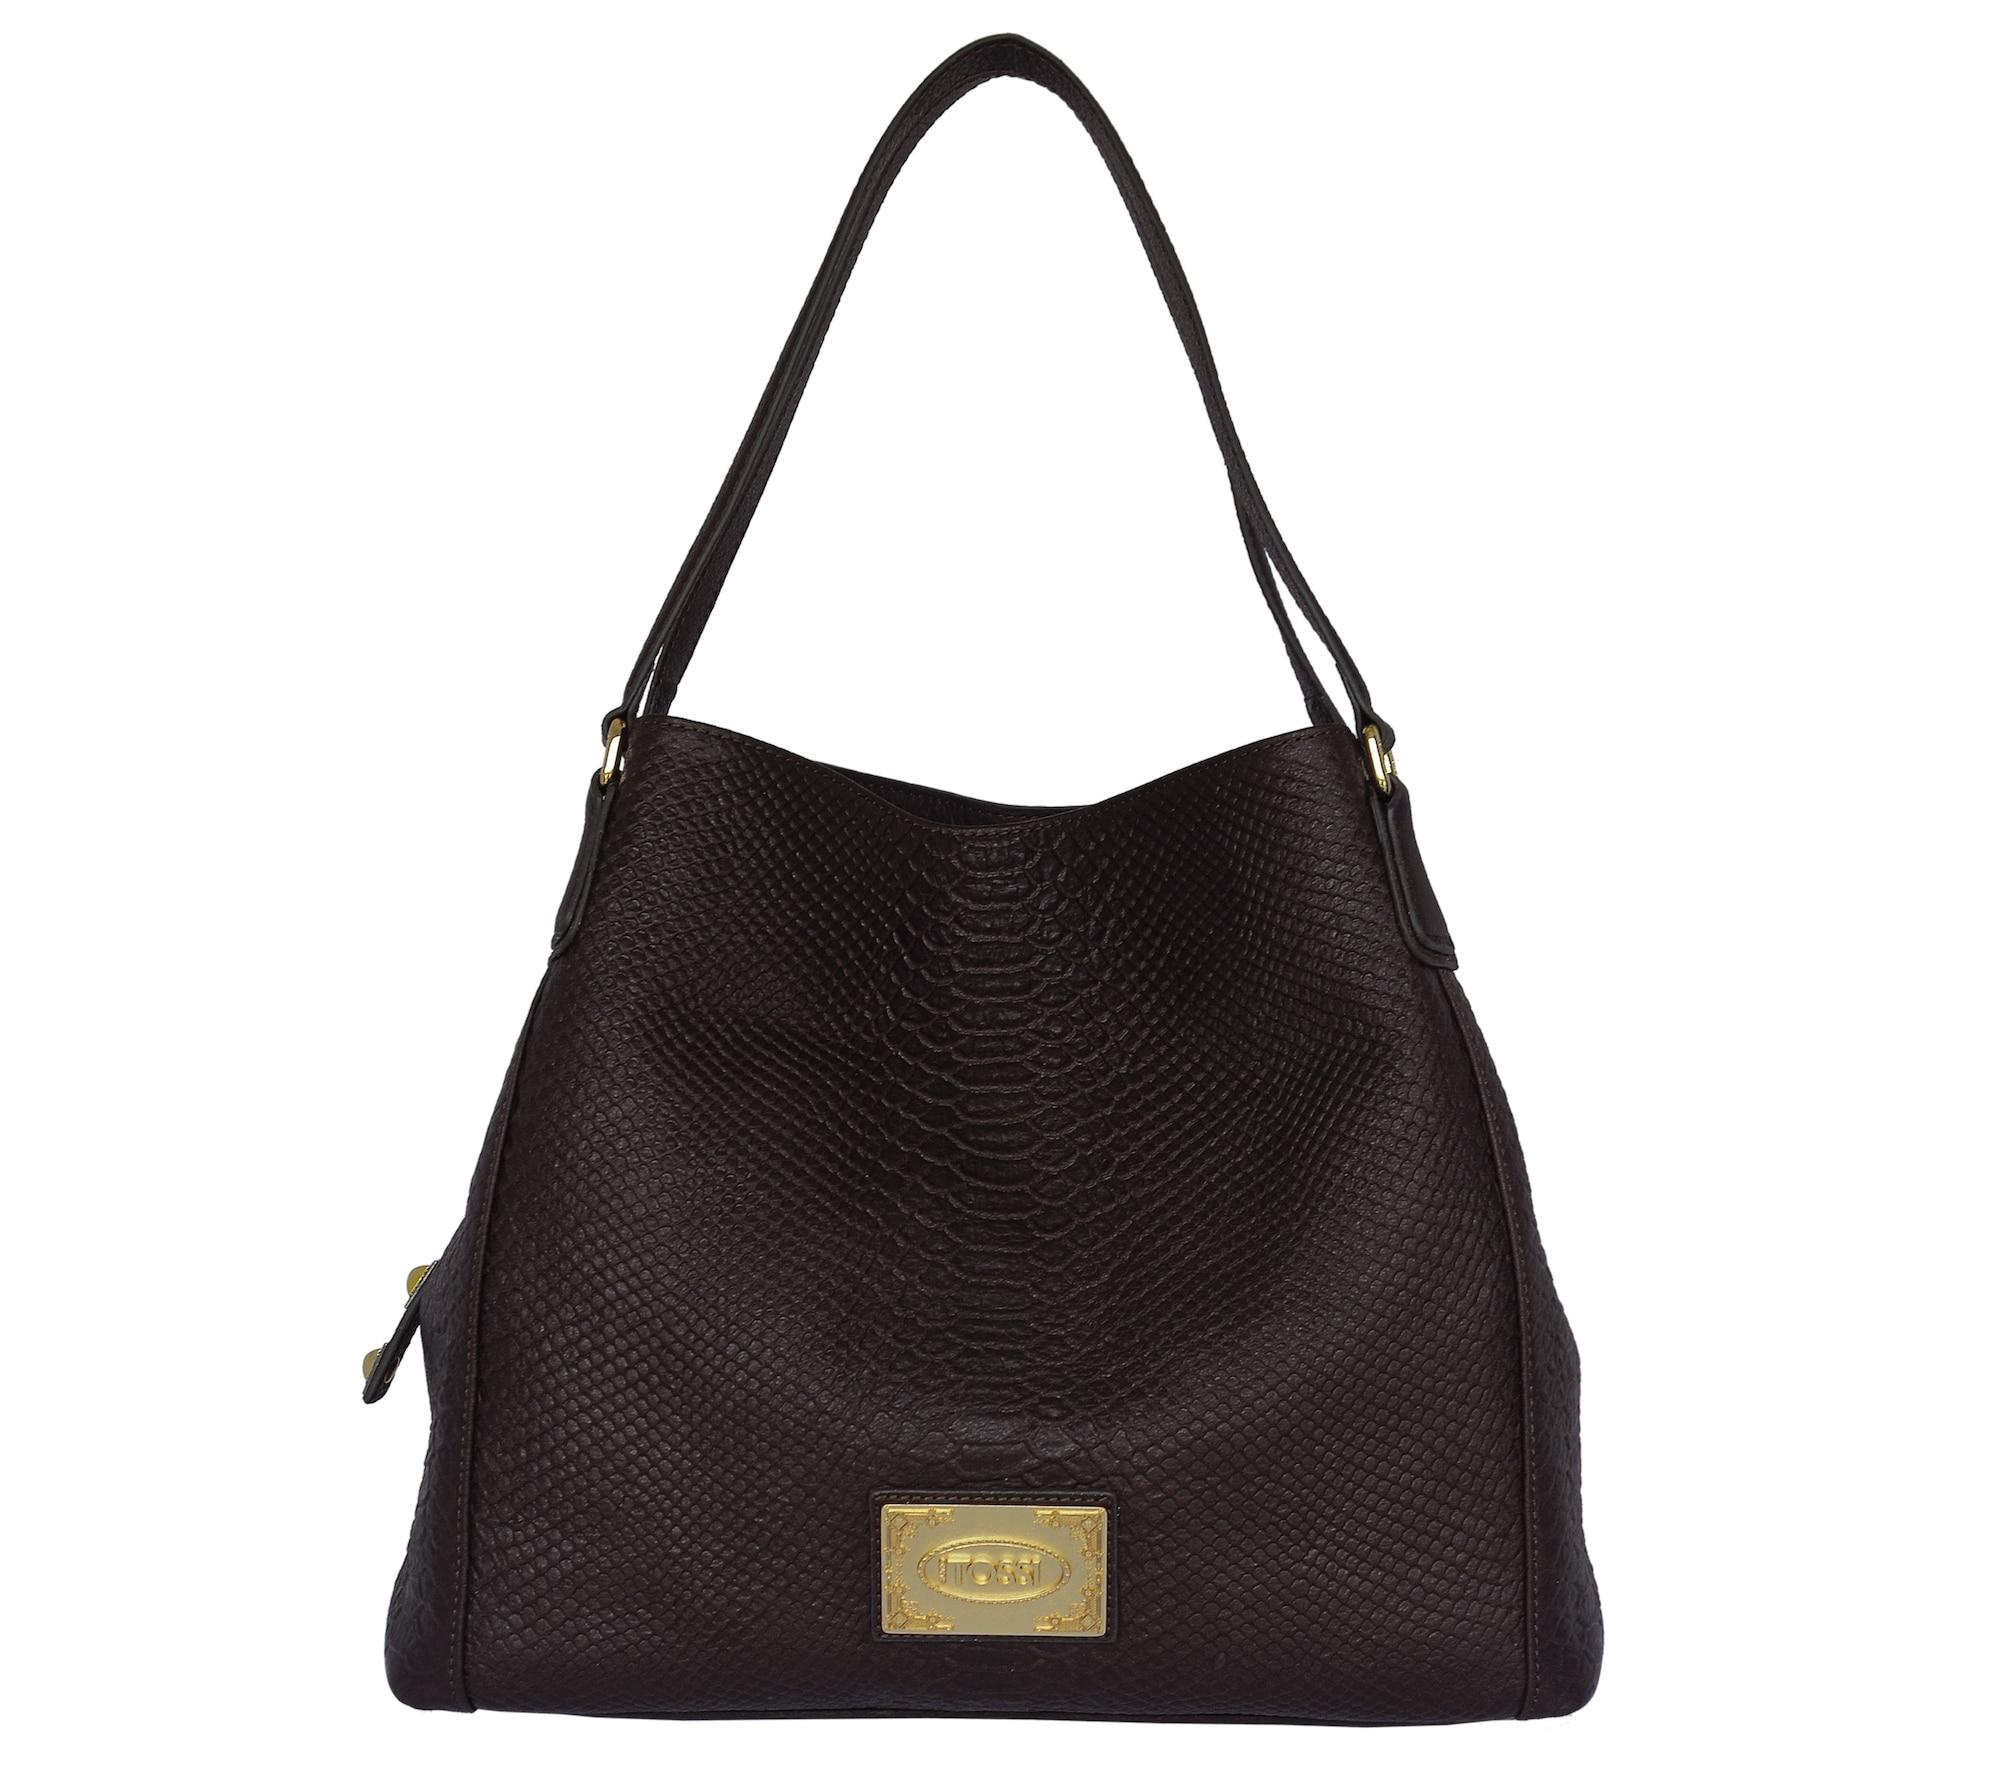 Lederhandtasche   Taschen > Handtaschen > Ledertaschen   Silvio Tossi